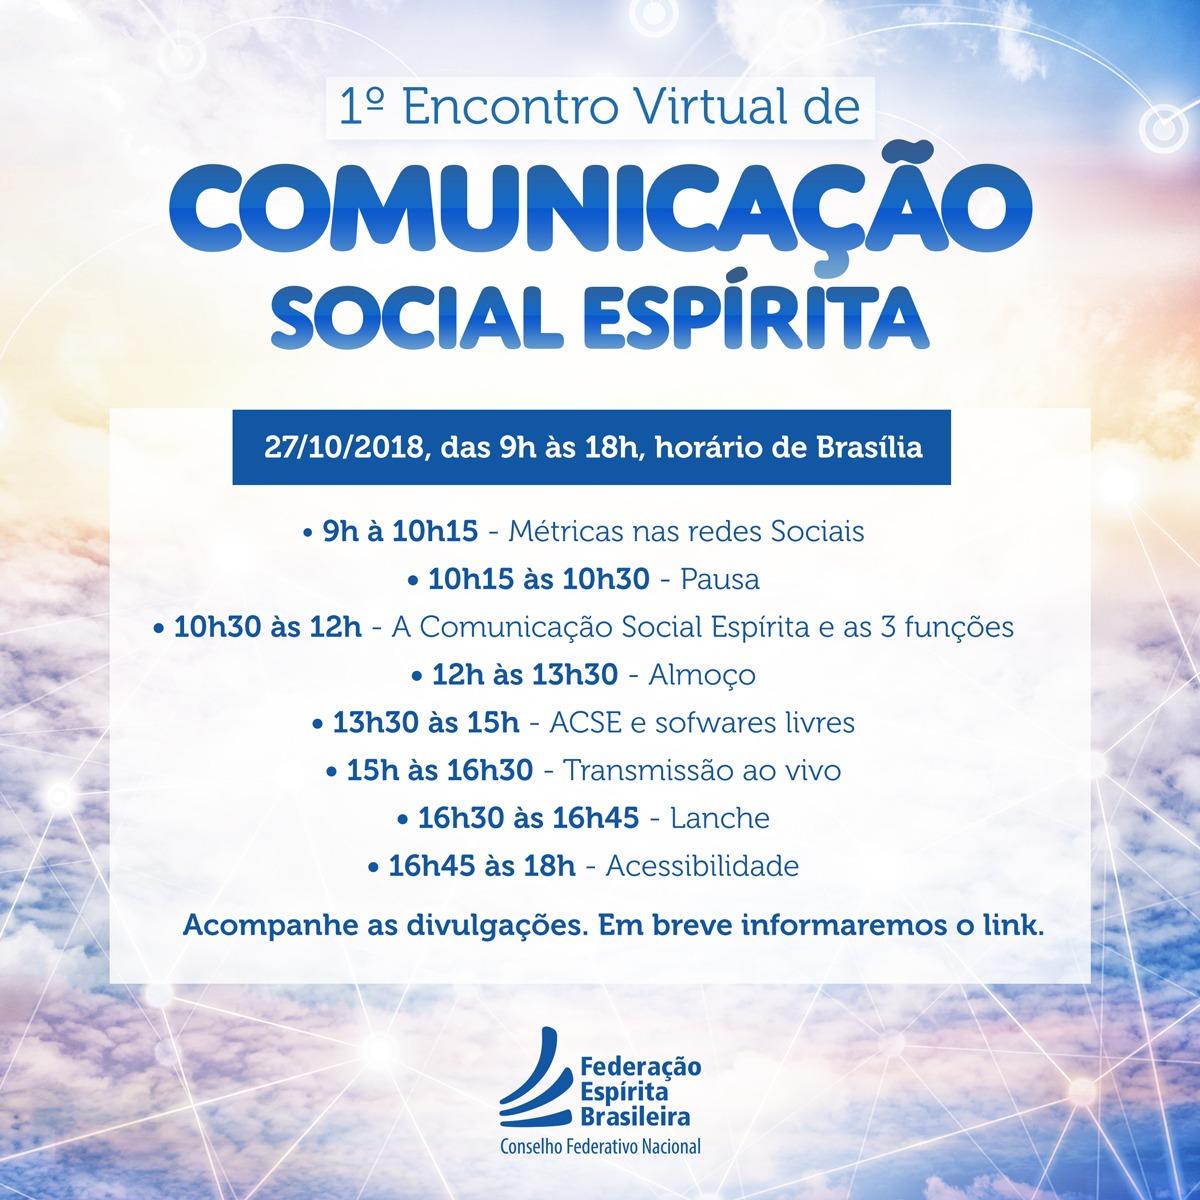 1º Encontro Virtual de Comunicação Social Espírita